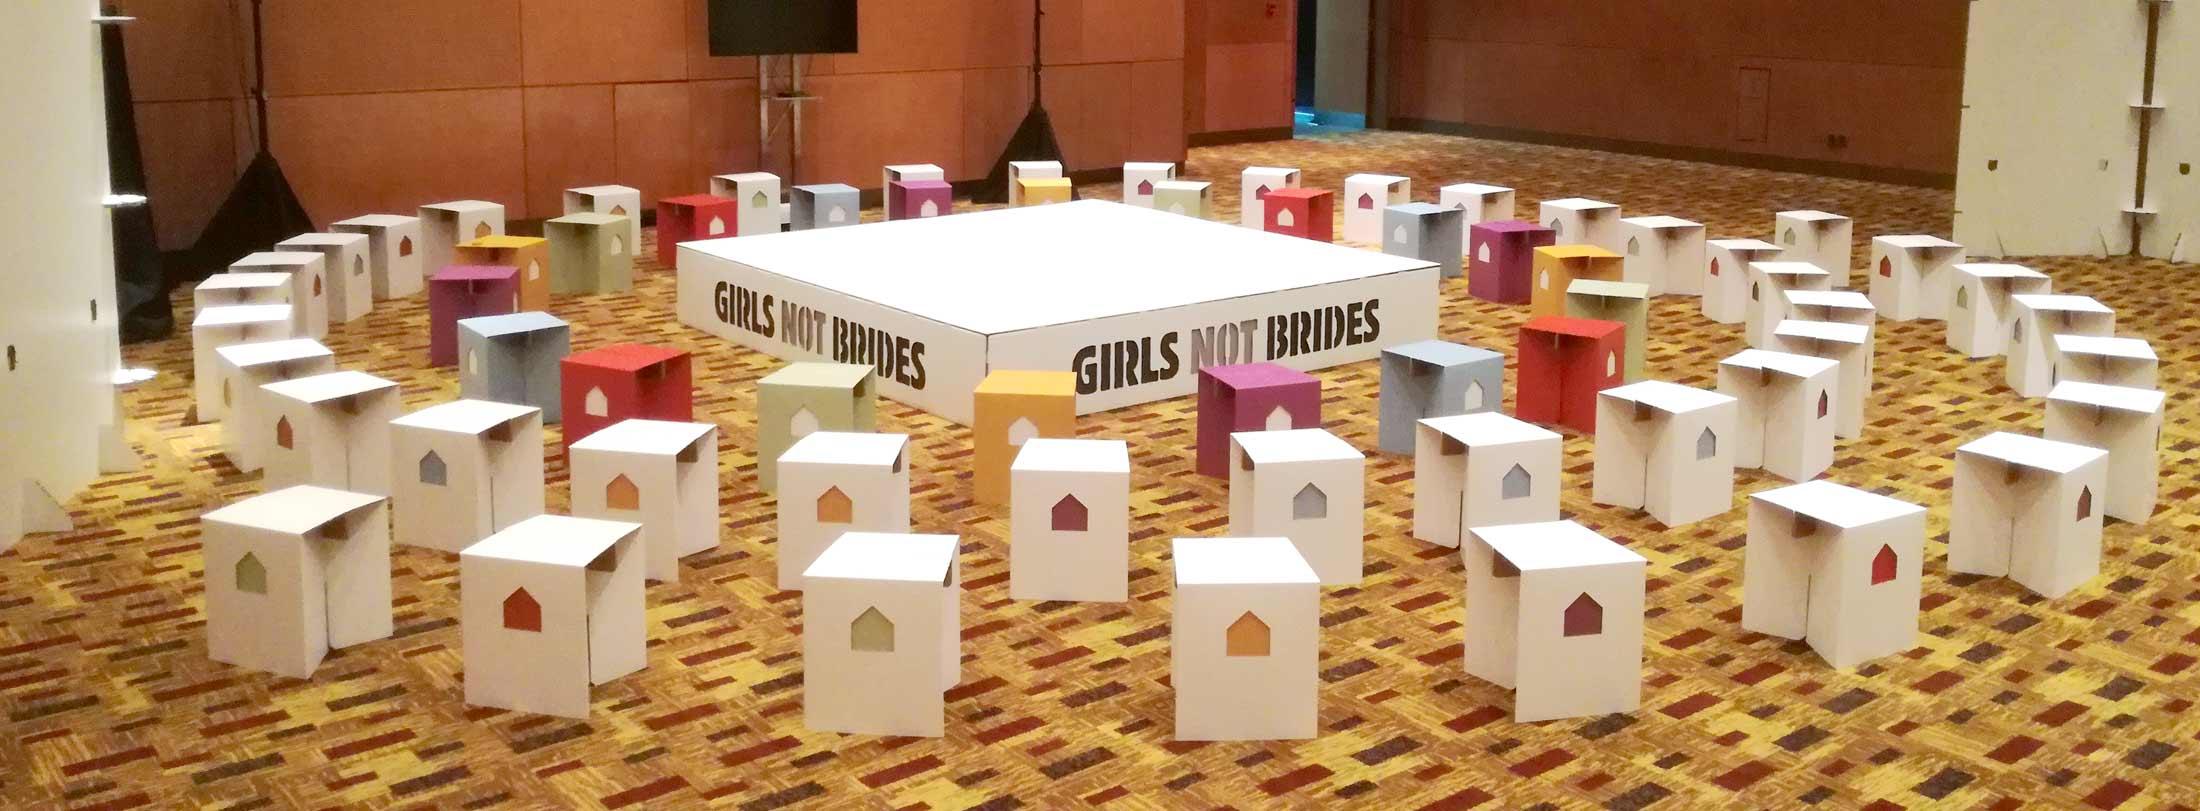 girls not brides evento global carton